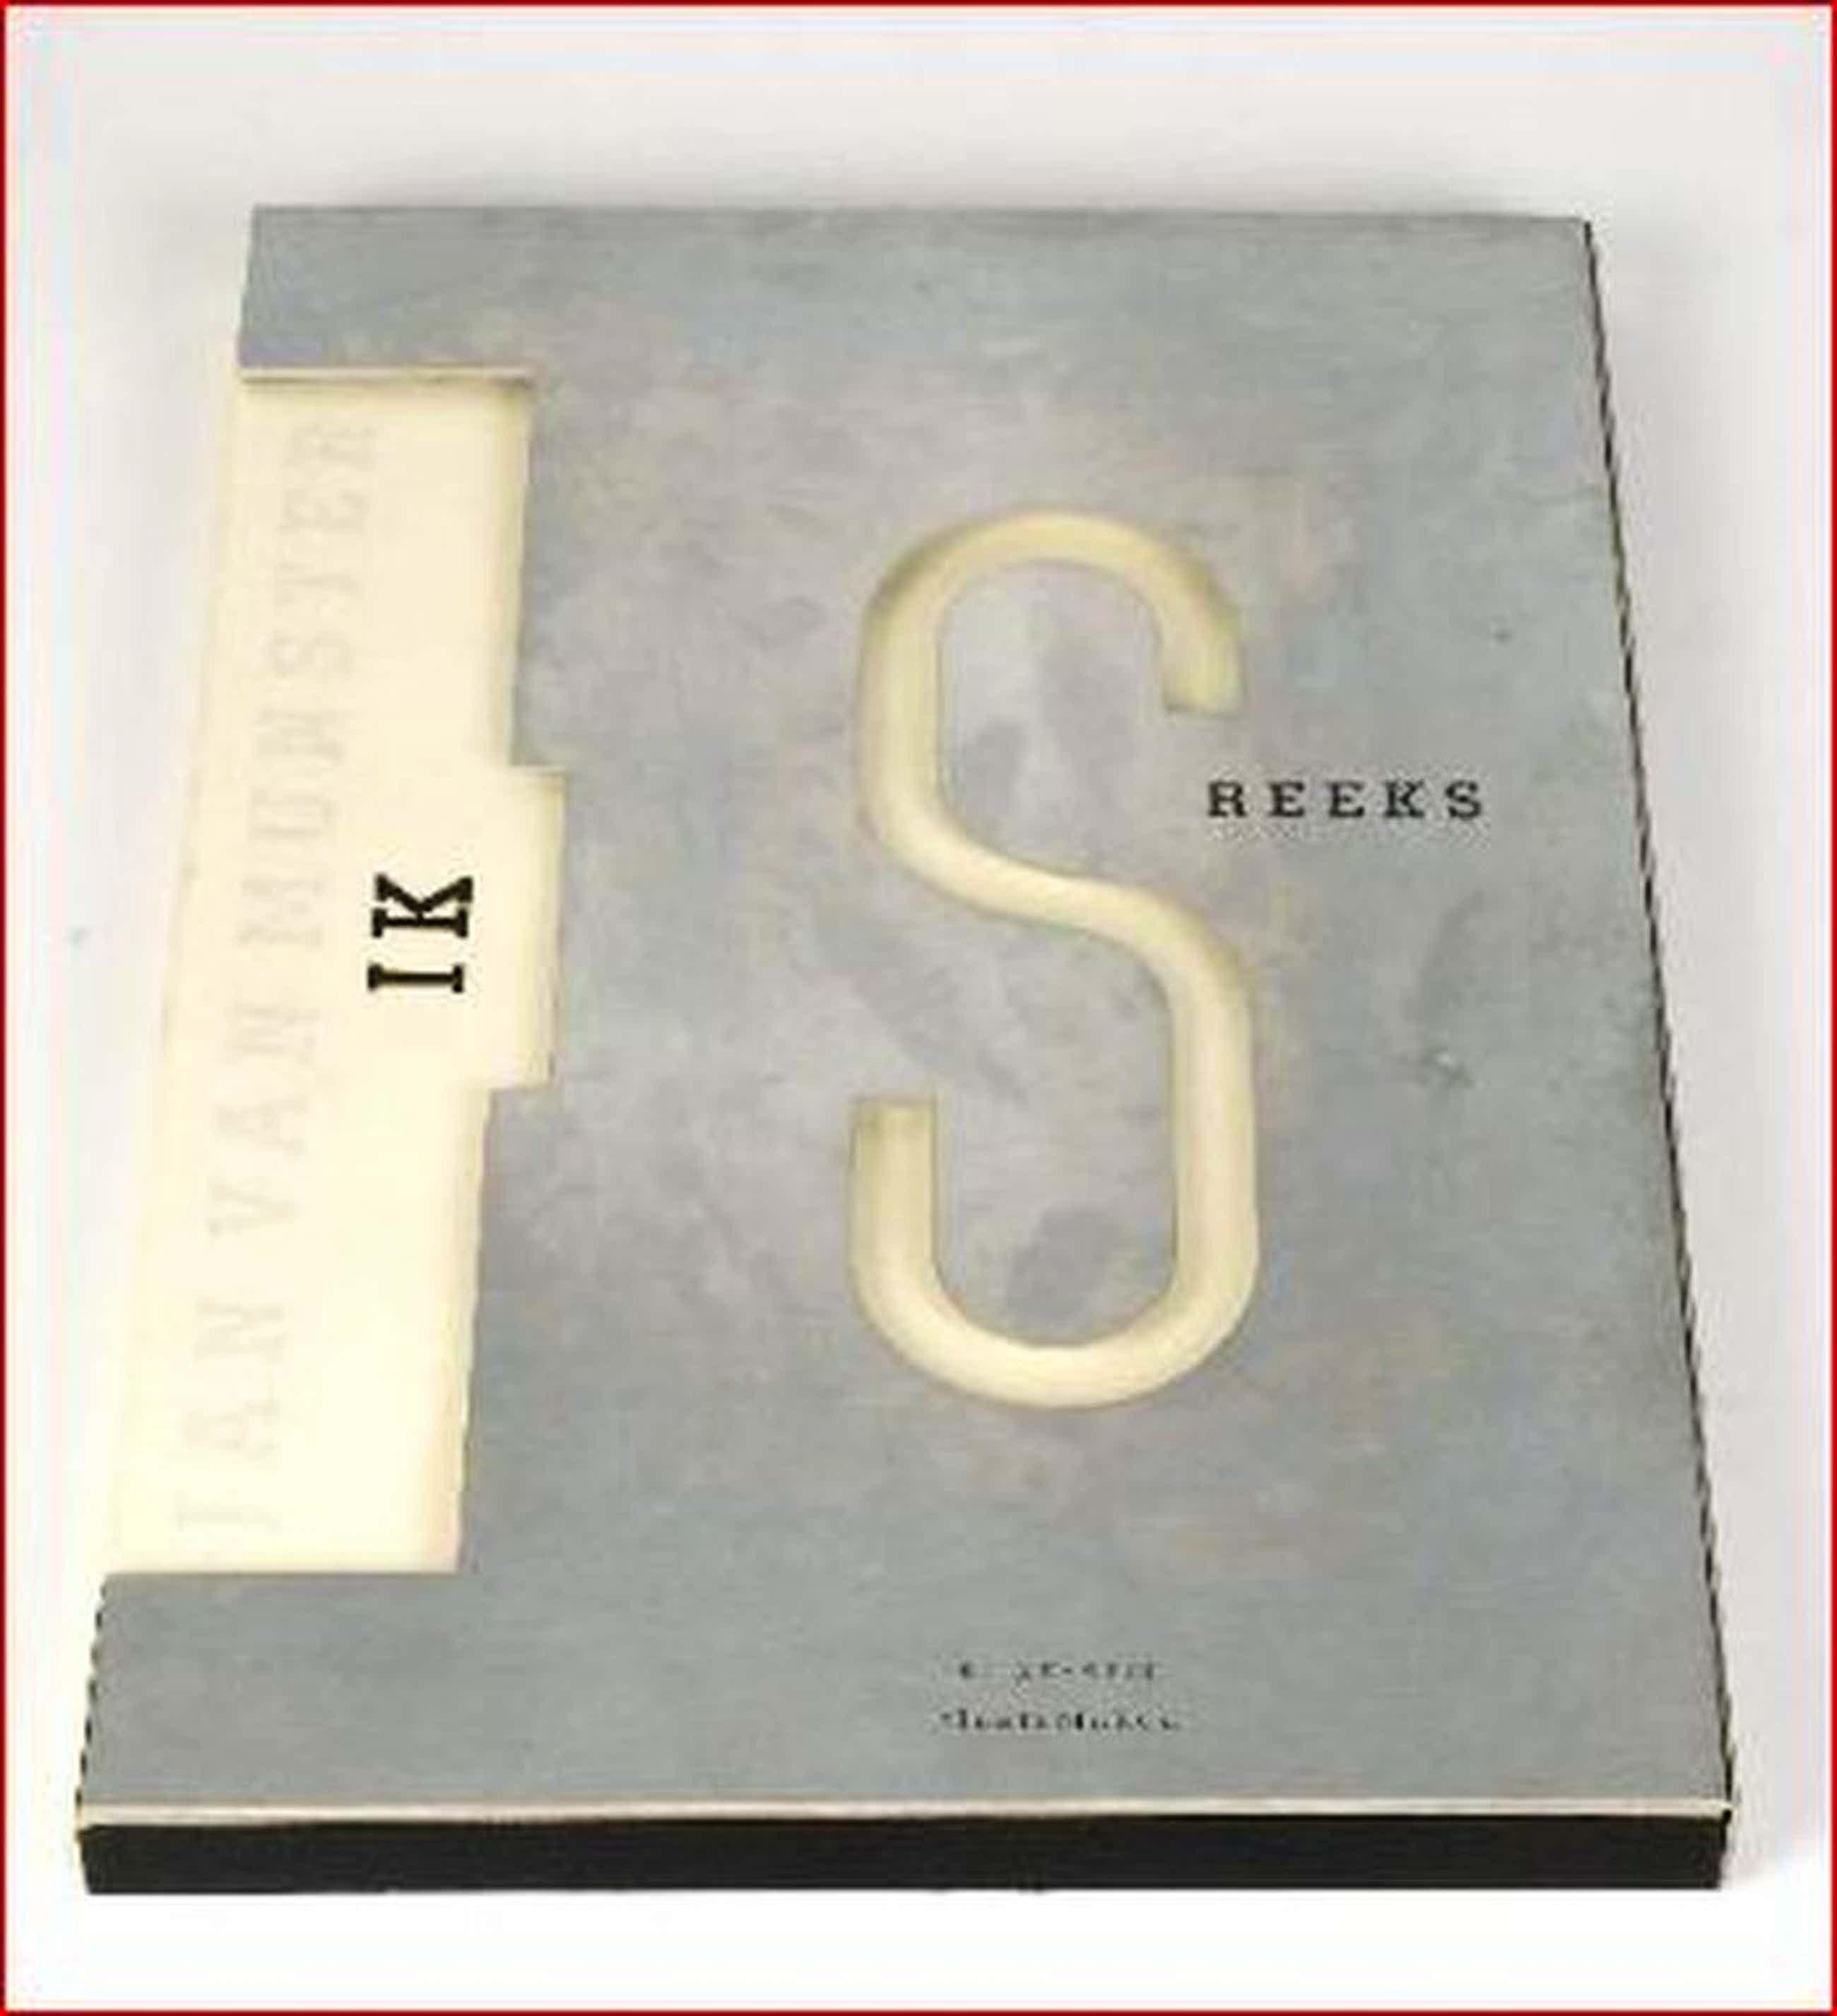 Jan van Munster: Ik (S-Reeks uitgave) in cassette. 1992 kopen? Bied vanaf 150!